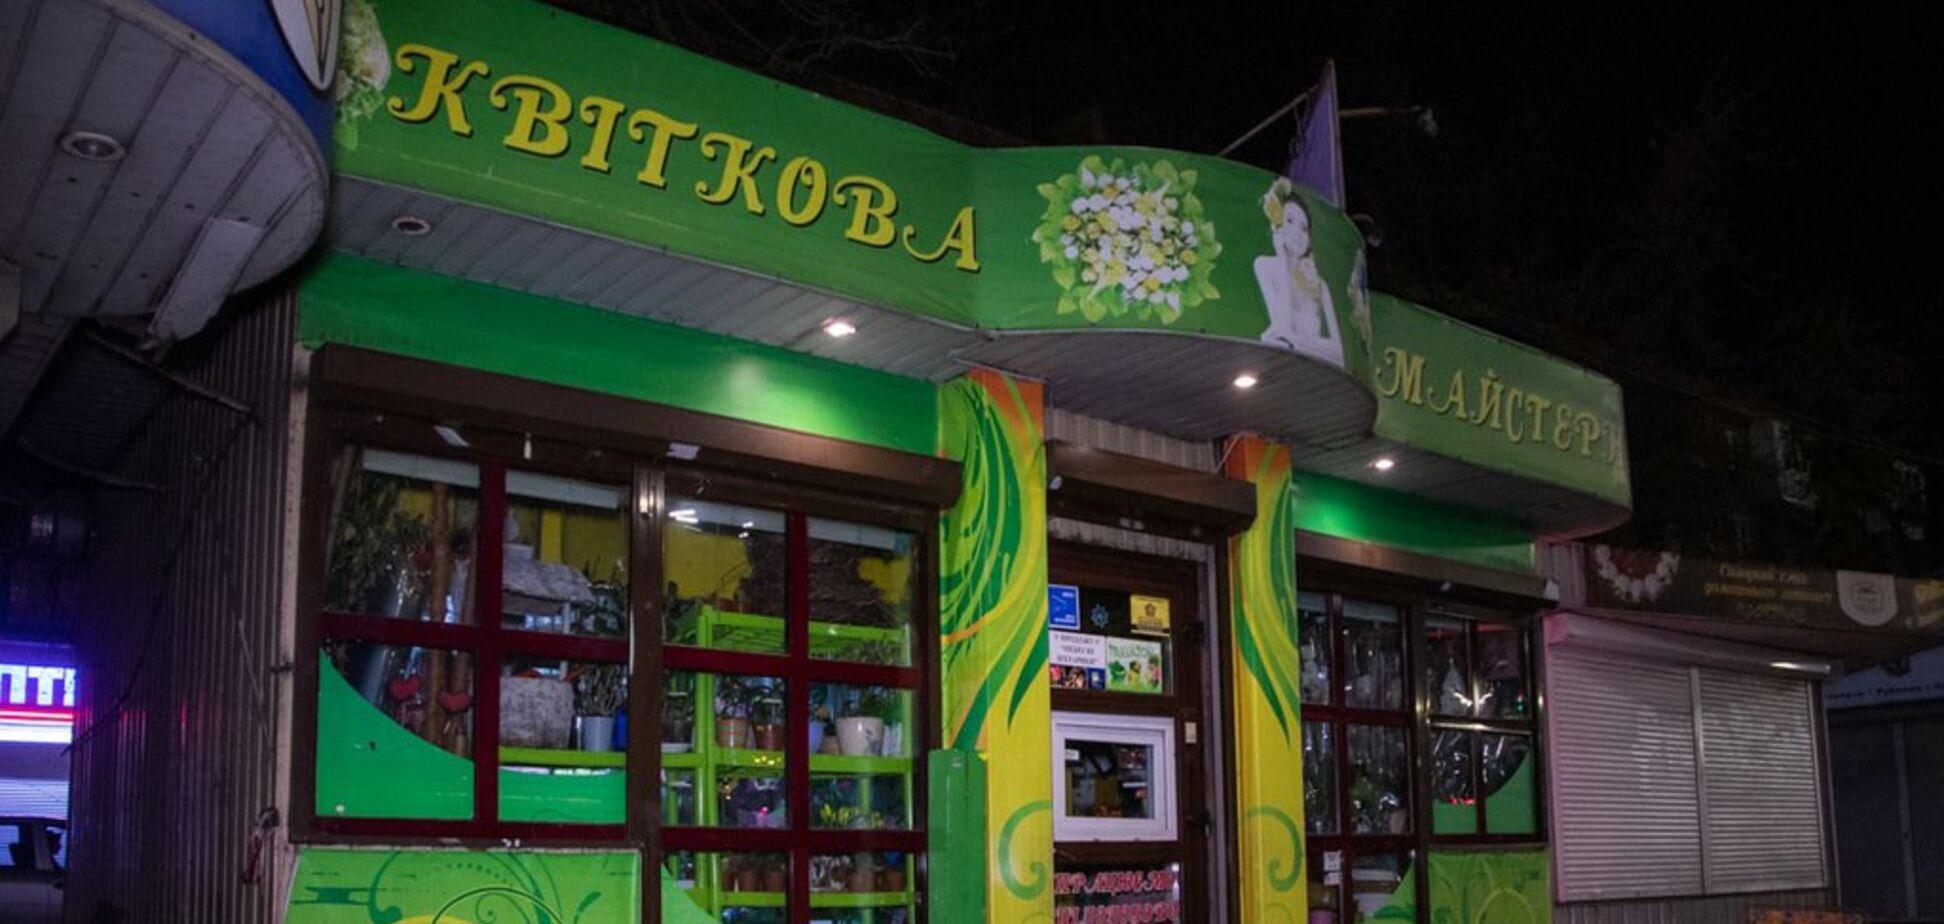 'Завтра я повешусь': в Киеве продавец совершил суицид в магазине